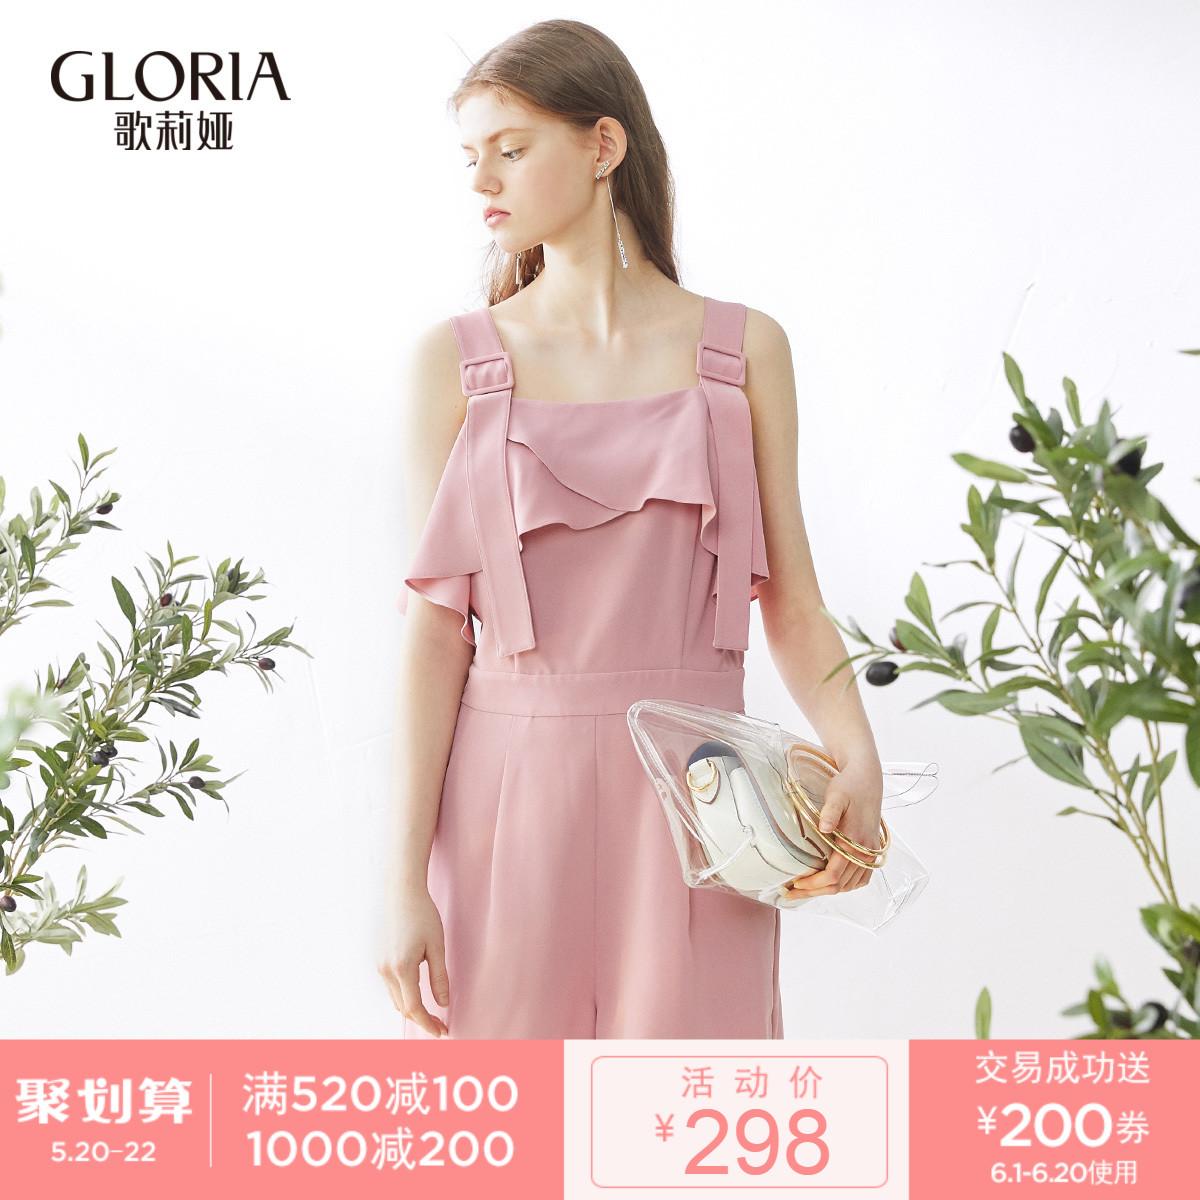 歌莉娅女装 GLORIA歌莉娅女装2018夏季新品雪纺荷叶边吊带连体裤184E1E070_推荐淘宝好看的歌莉娅